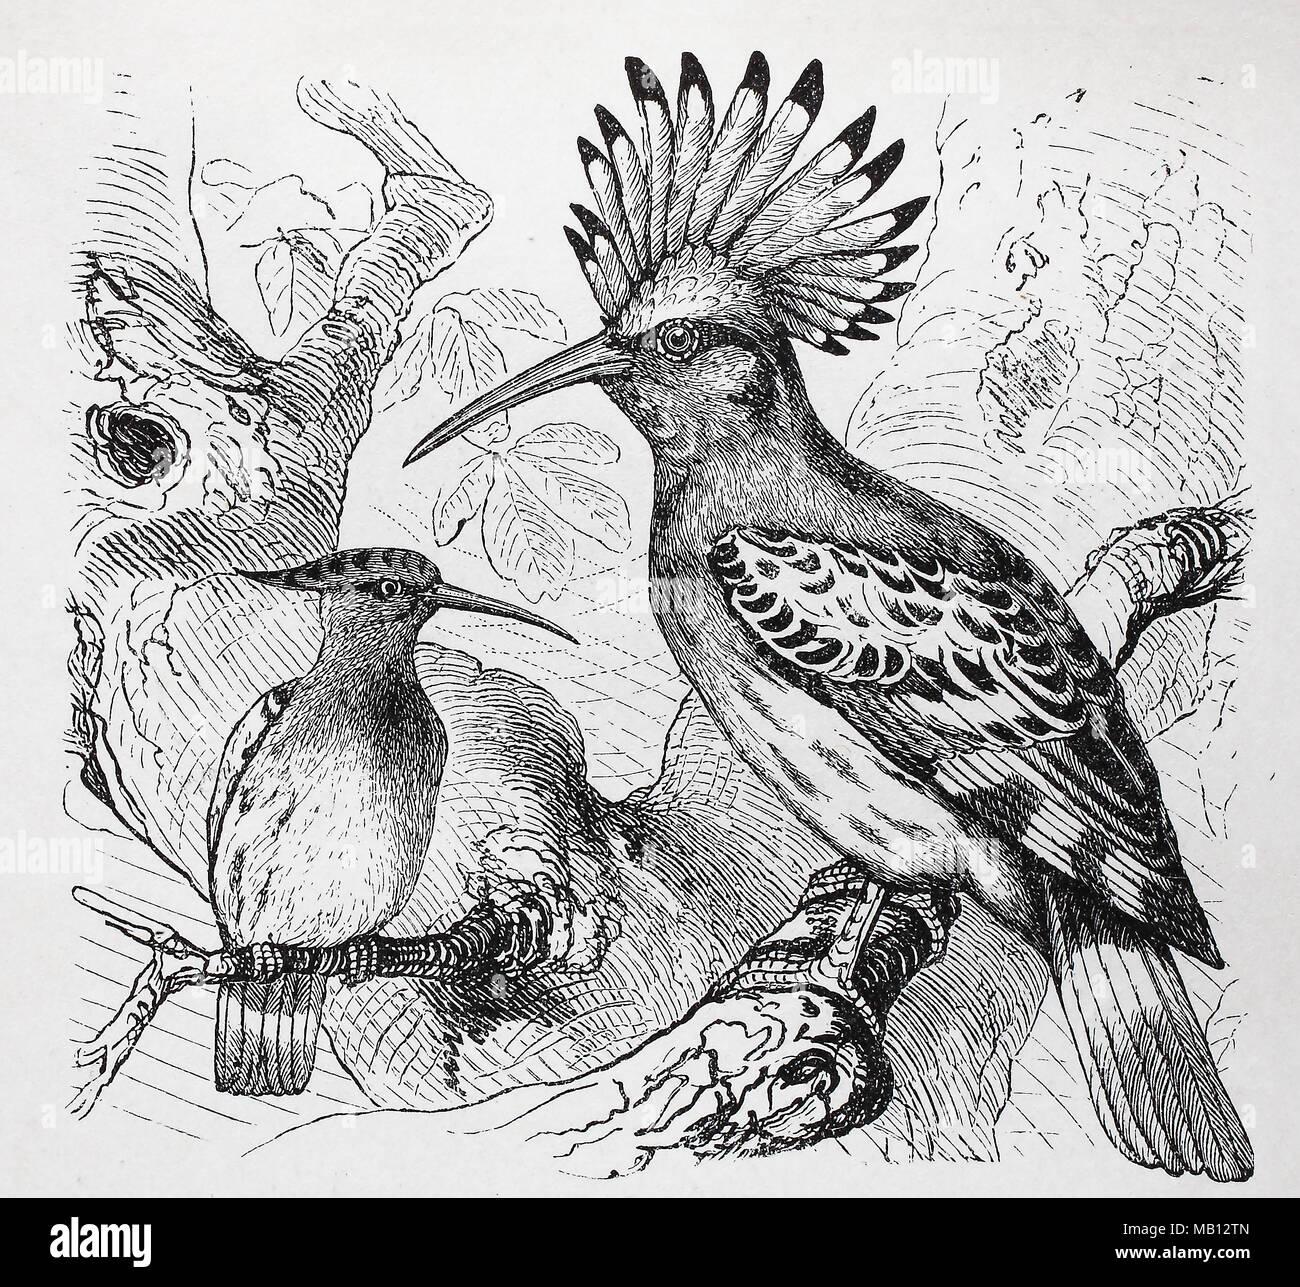 Europäischer Wiedehopf, Upupa epops Wiedehopf, Eurasien, digital verbesserte Reproduktion einer Vorlage drucken aus dem Jahr 1895 Stockbild